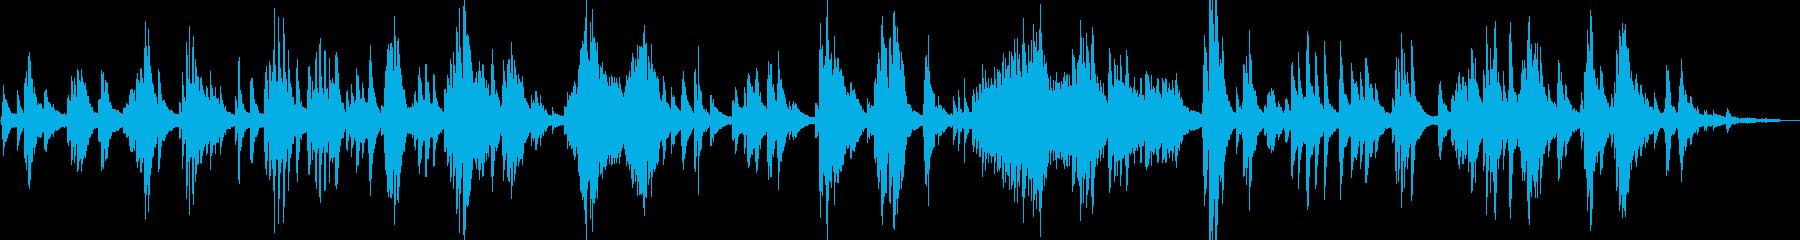 アンビエント系 優しく美しいピアノソロの再生済みの波形